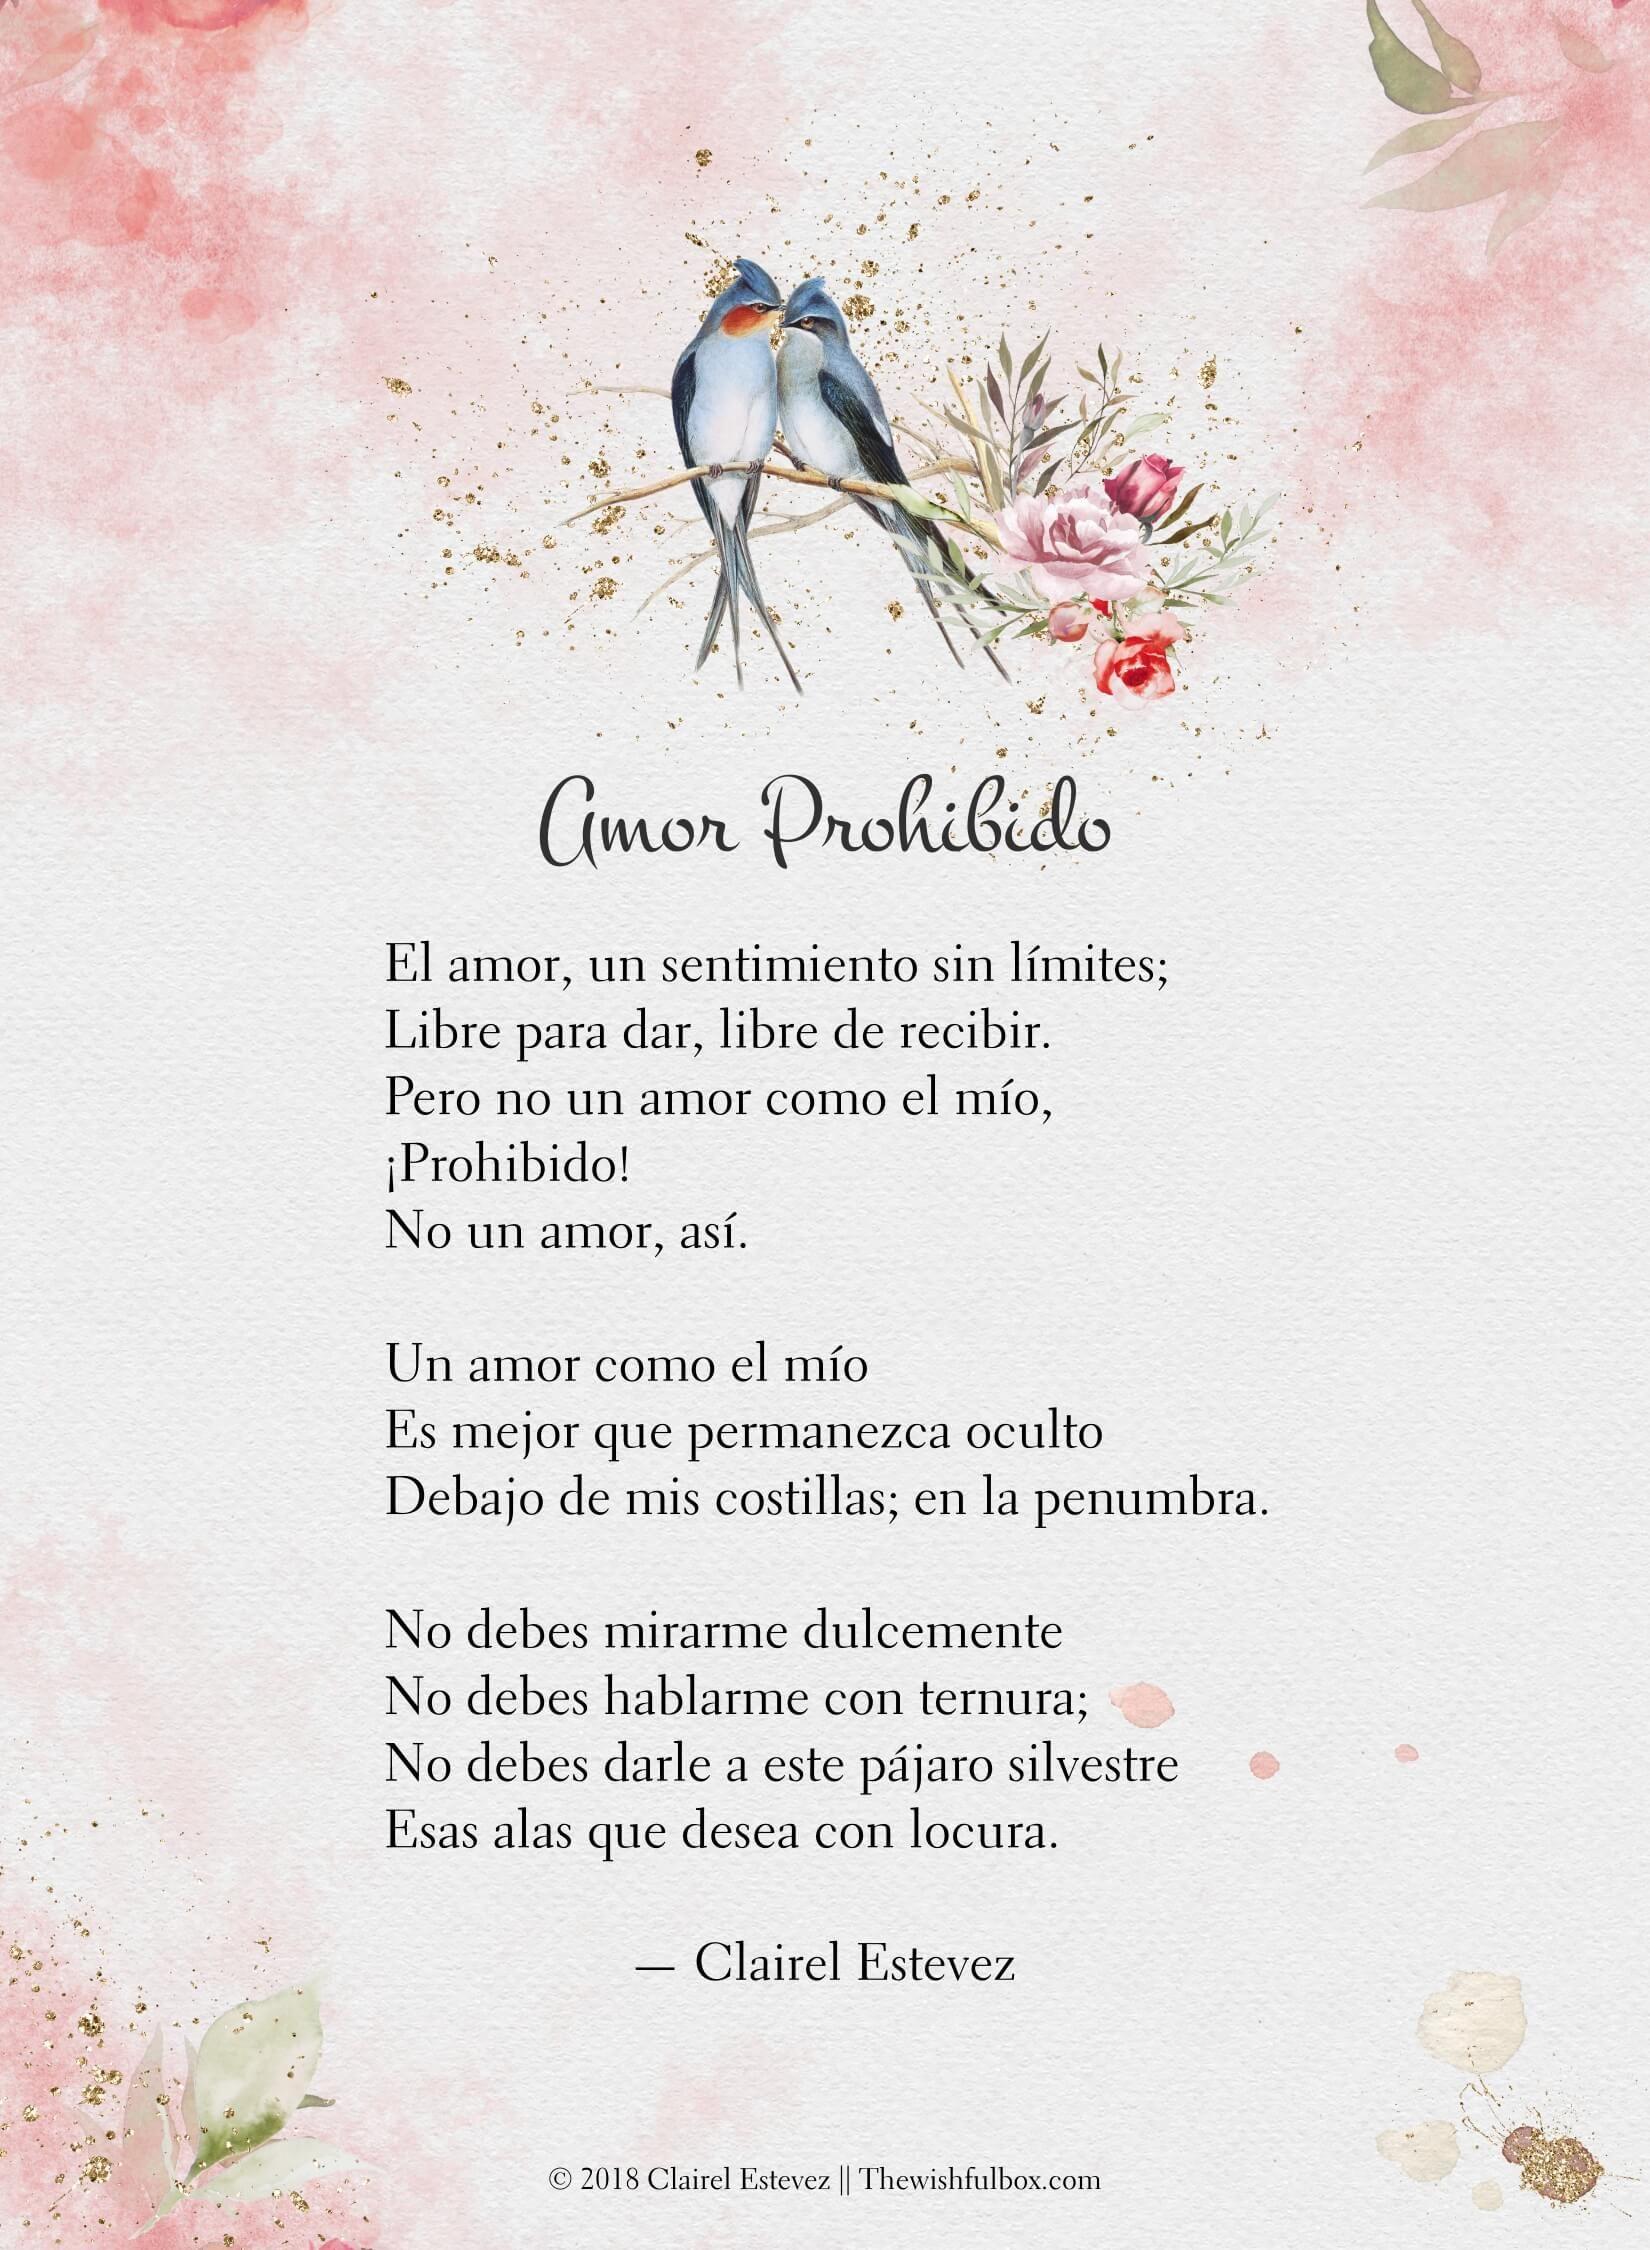 Poemas Y Palabras De Amor Poema De Amor Palabras De Amor Poemas De Amor